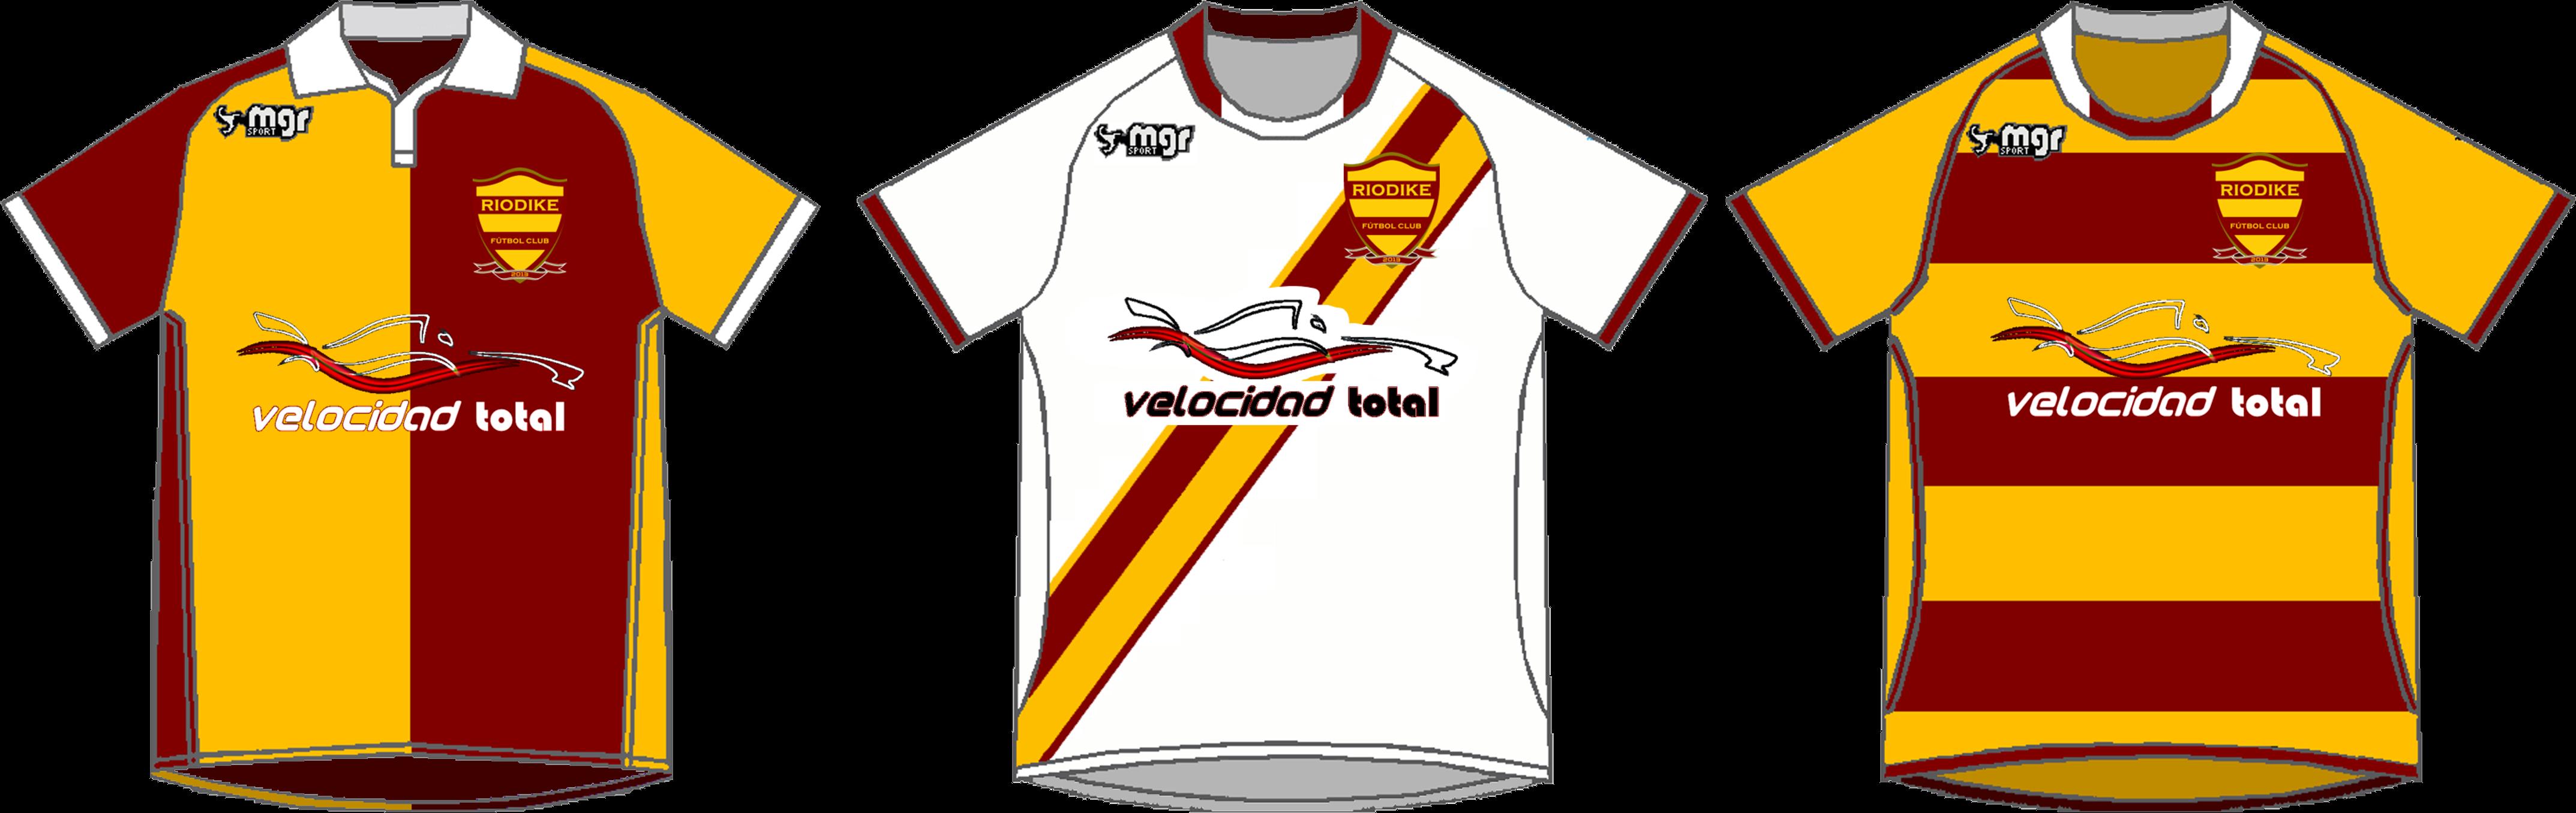 Archivo:Camisetas Riodike Fútbol Club 2013-2014.png - Wikipedia, la enciclopedia libre